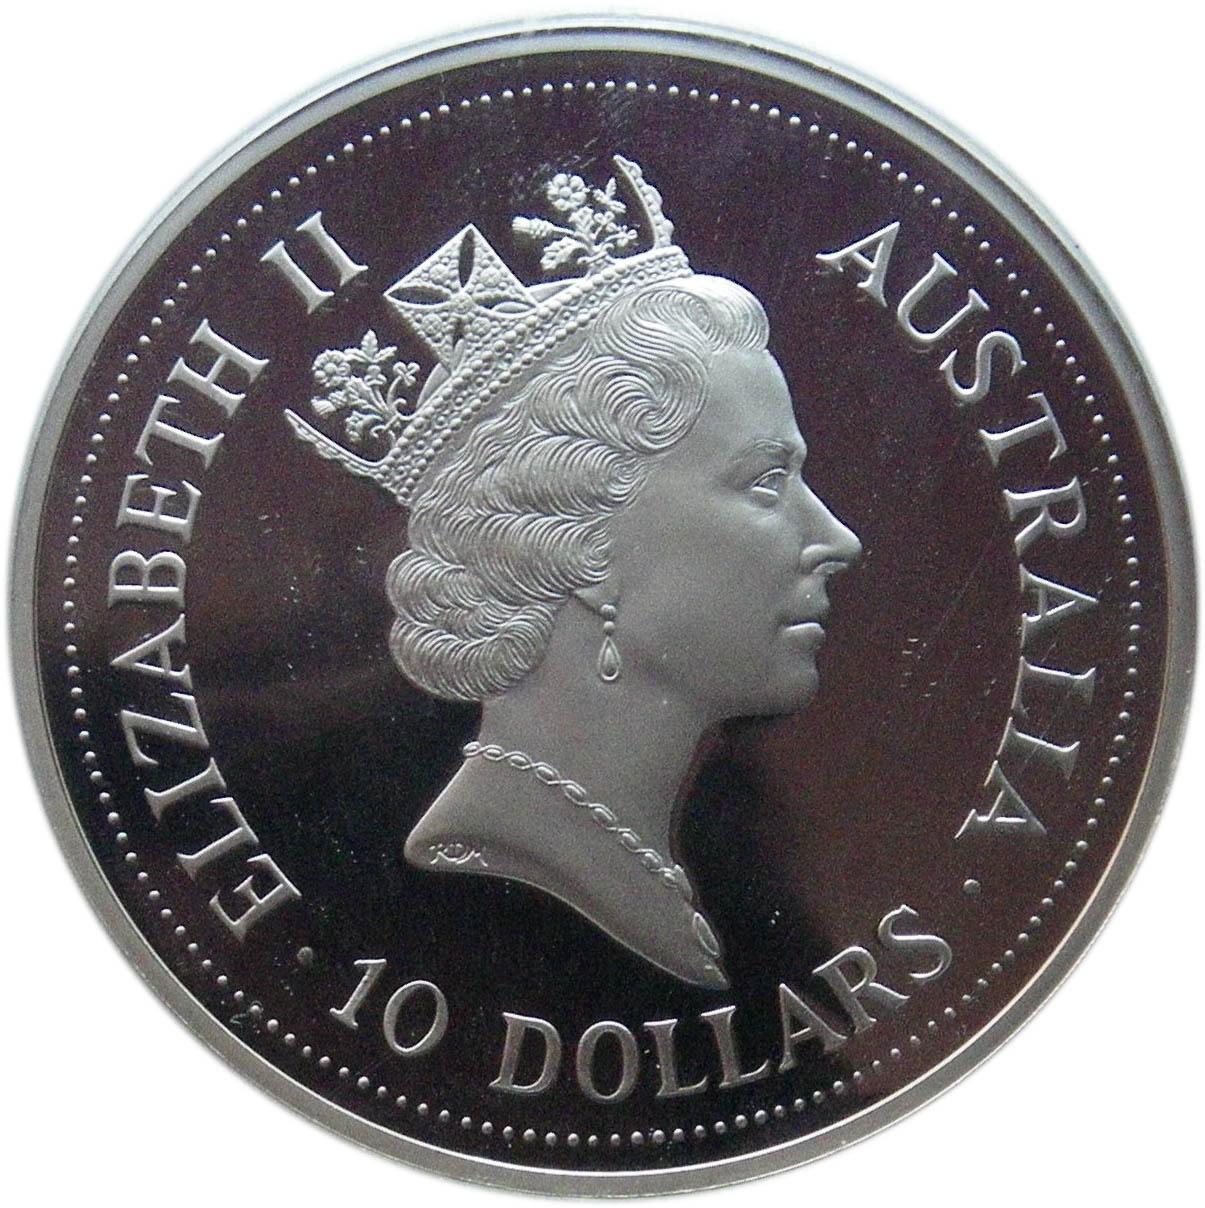 999 Silver 2 Dollar Coin Australia Elizabeth II 1992 Australian Kookaburra 2 Oz